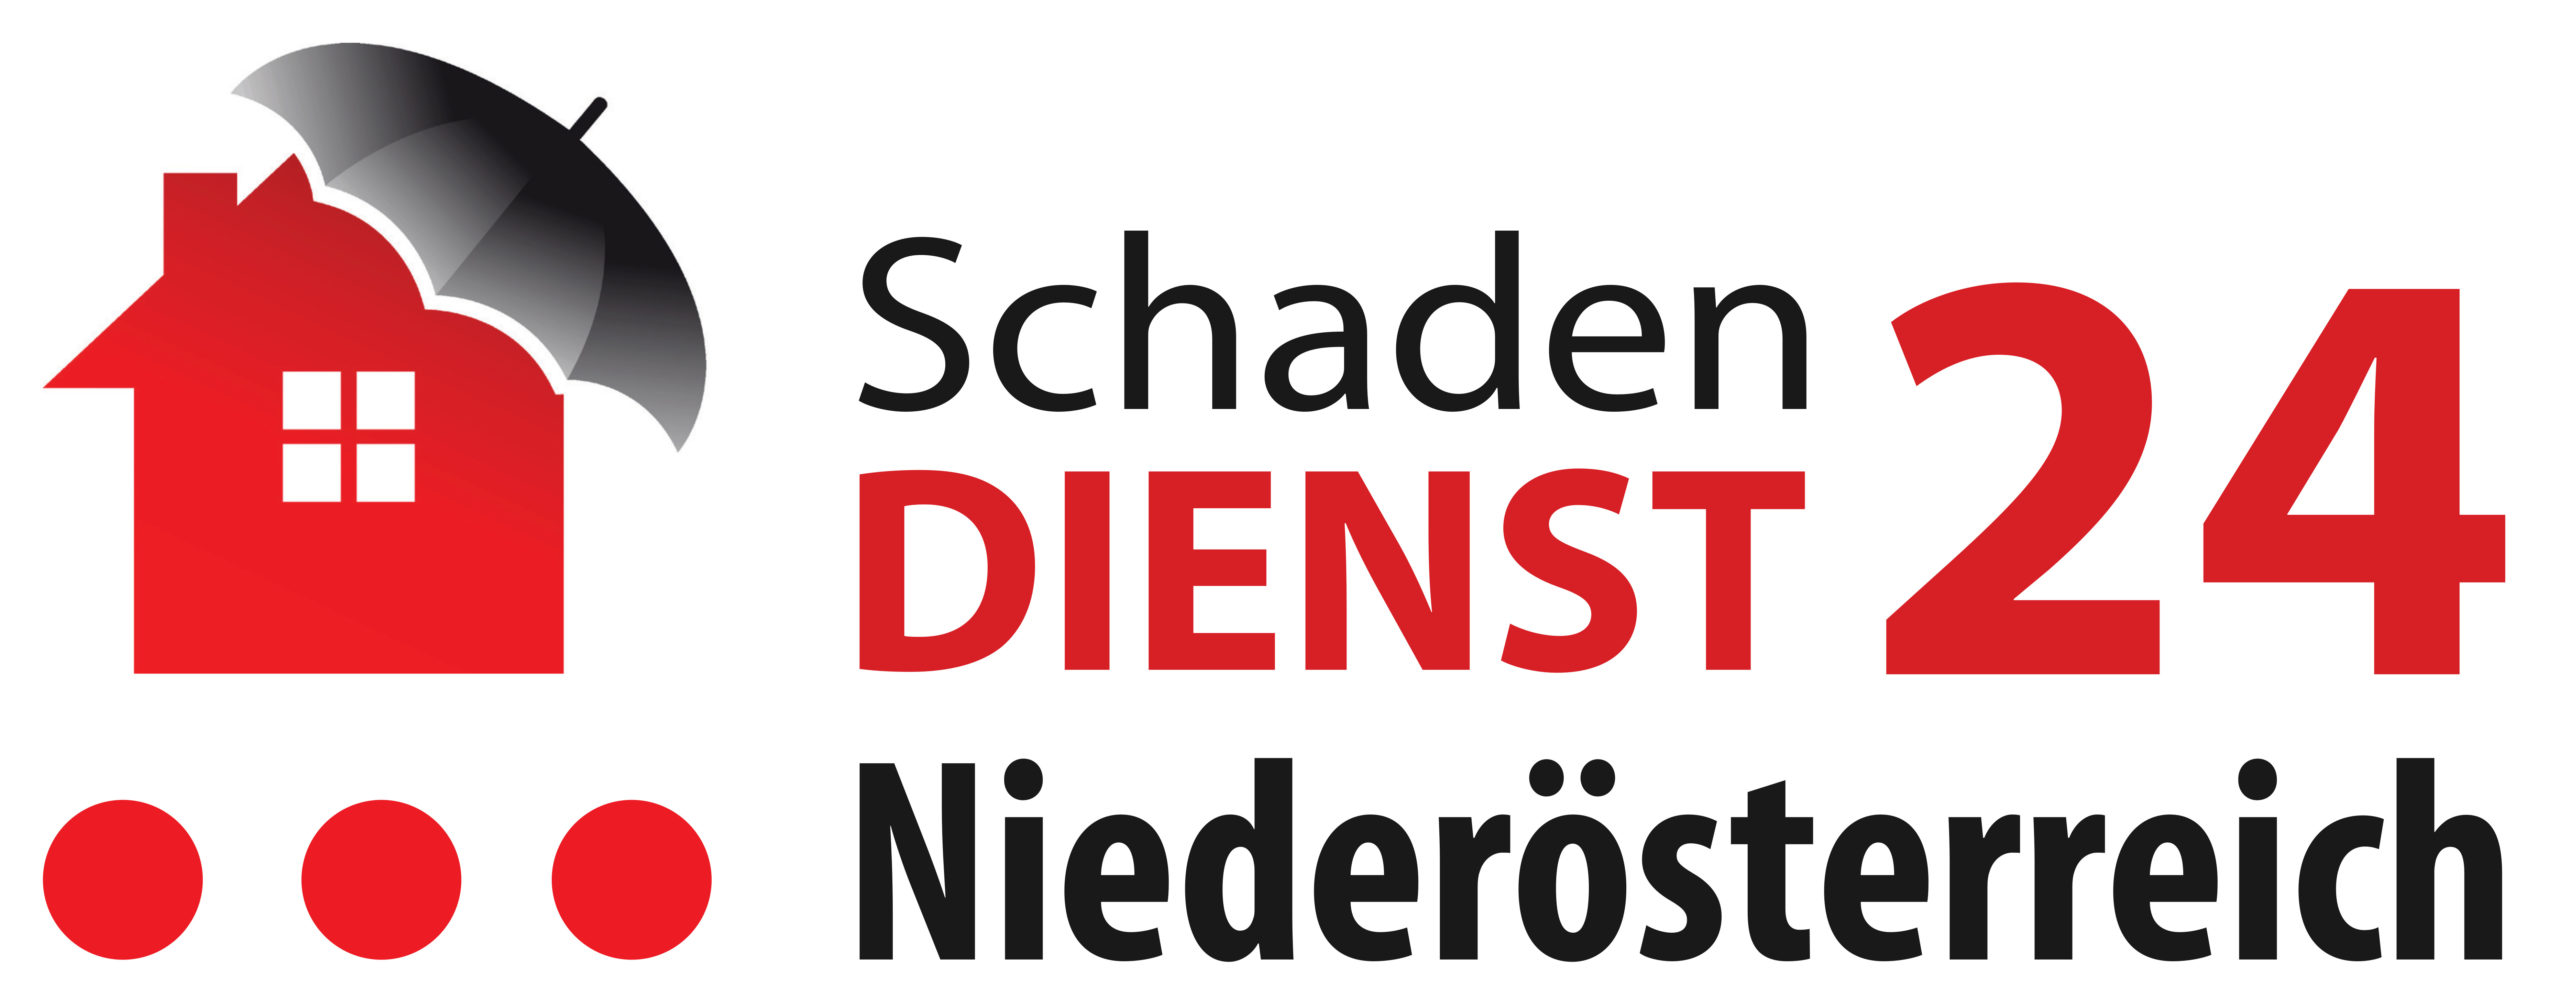 Schadendienst24 Niederösterreich Logo